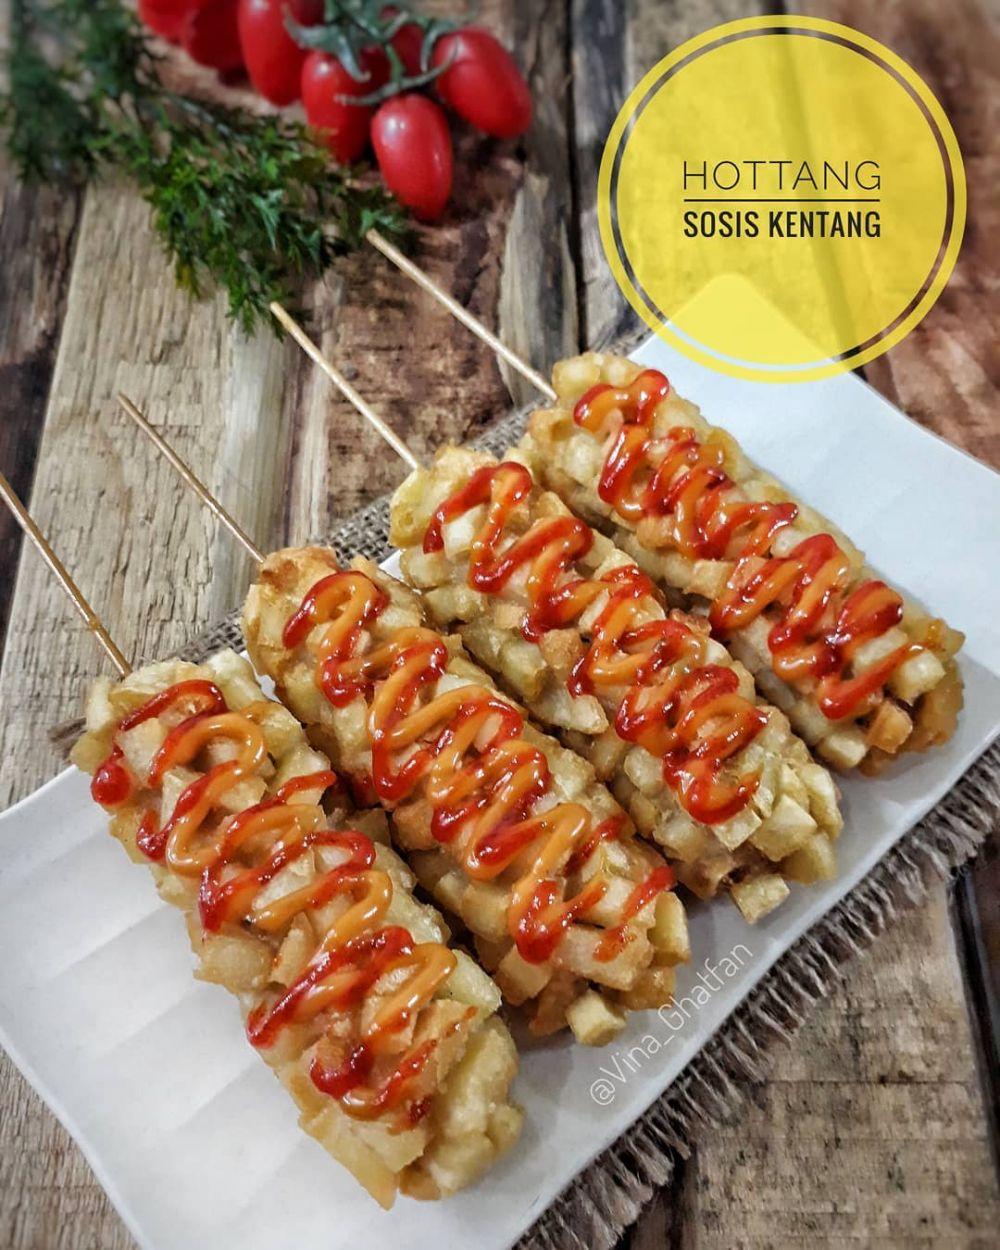 Resep jajanan kekinian dari kentang © 2020 brilio.net